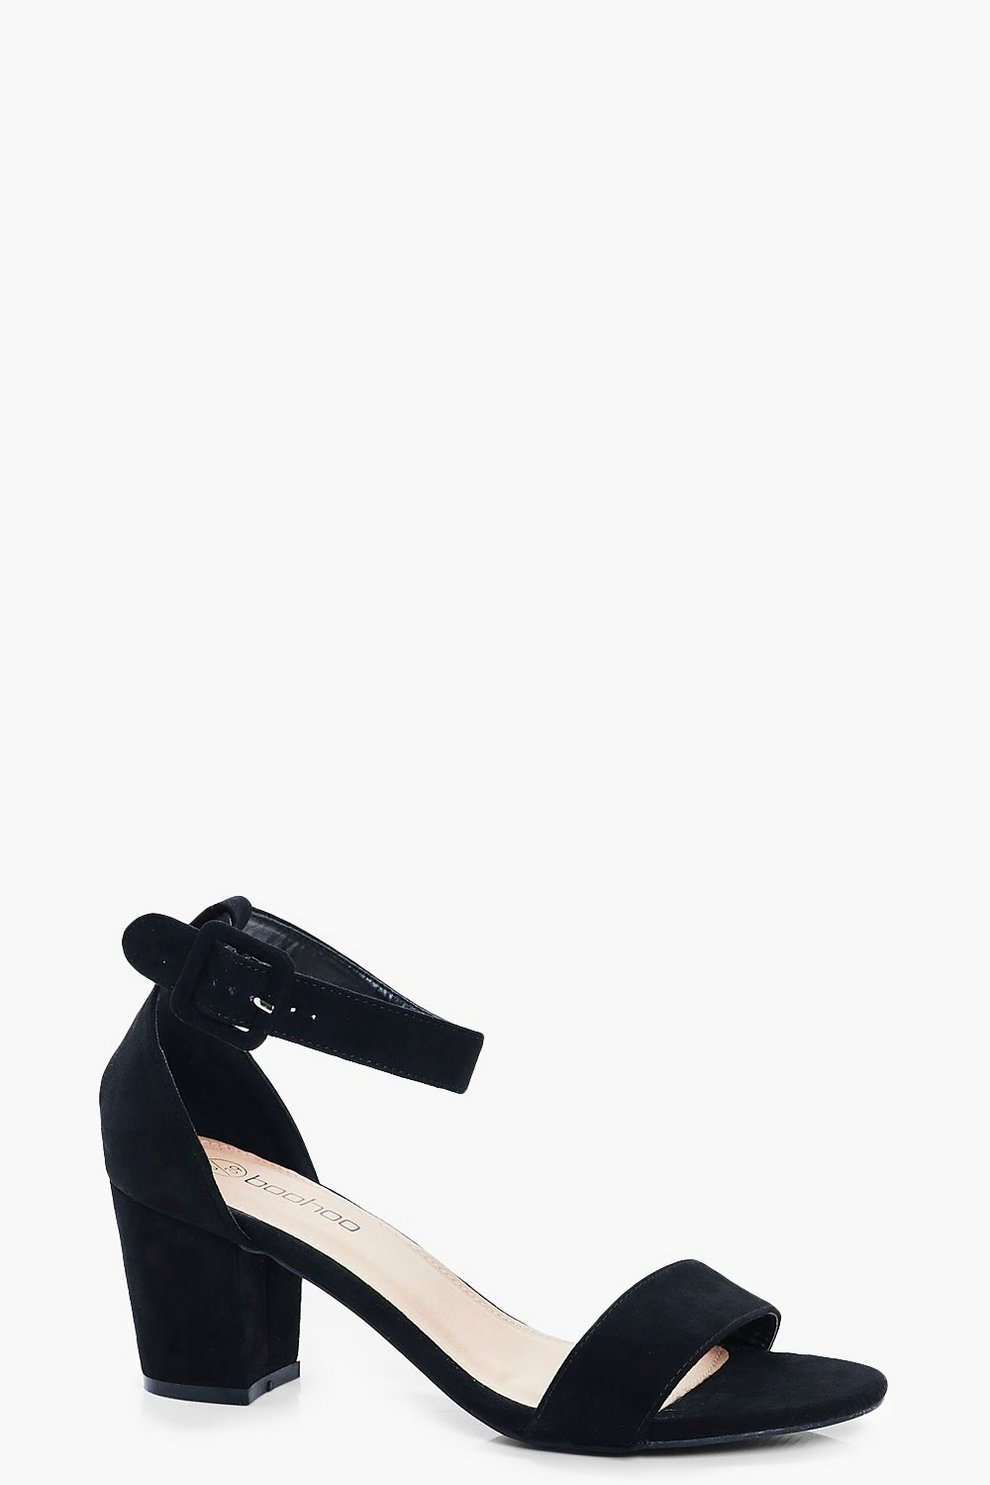 507c9d12806 Wide Fit Low Block Heels